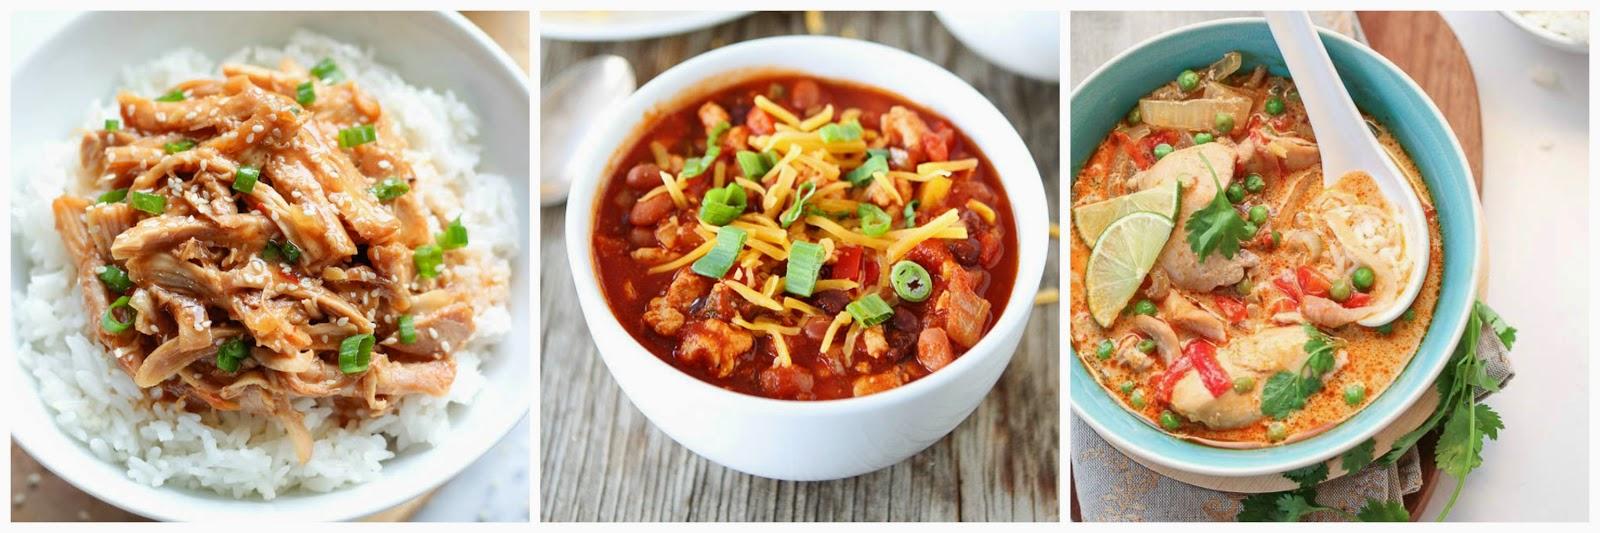 9 Best Crockpot Meals